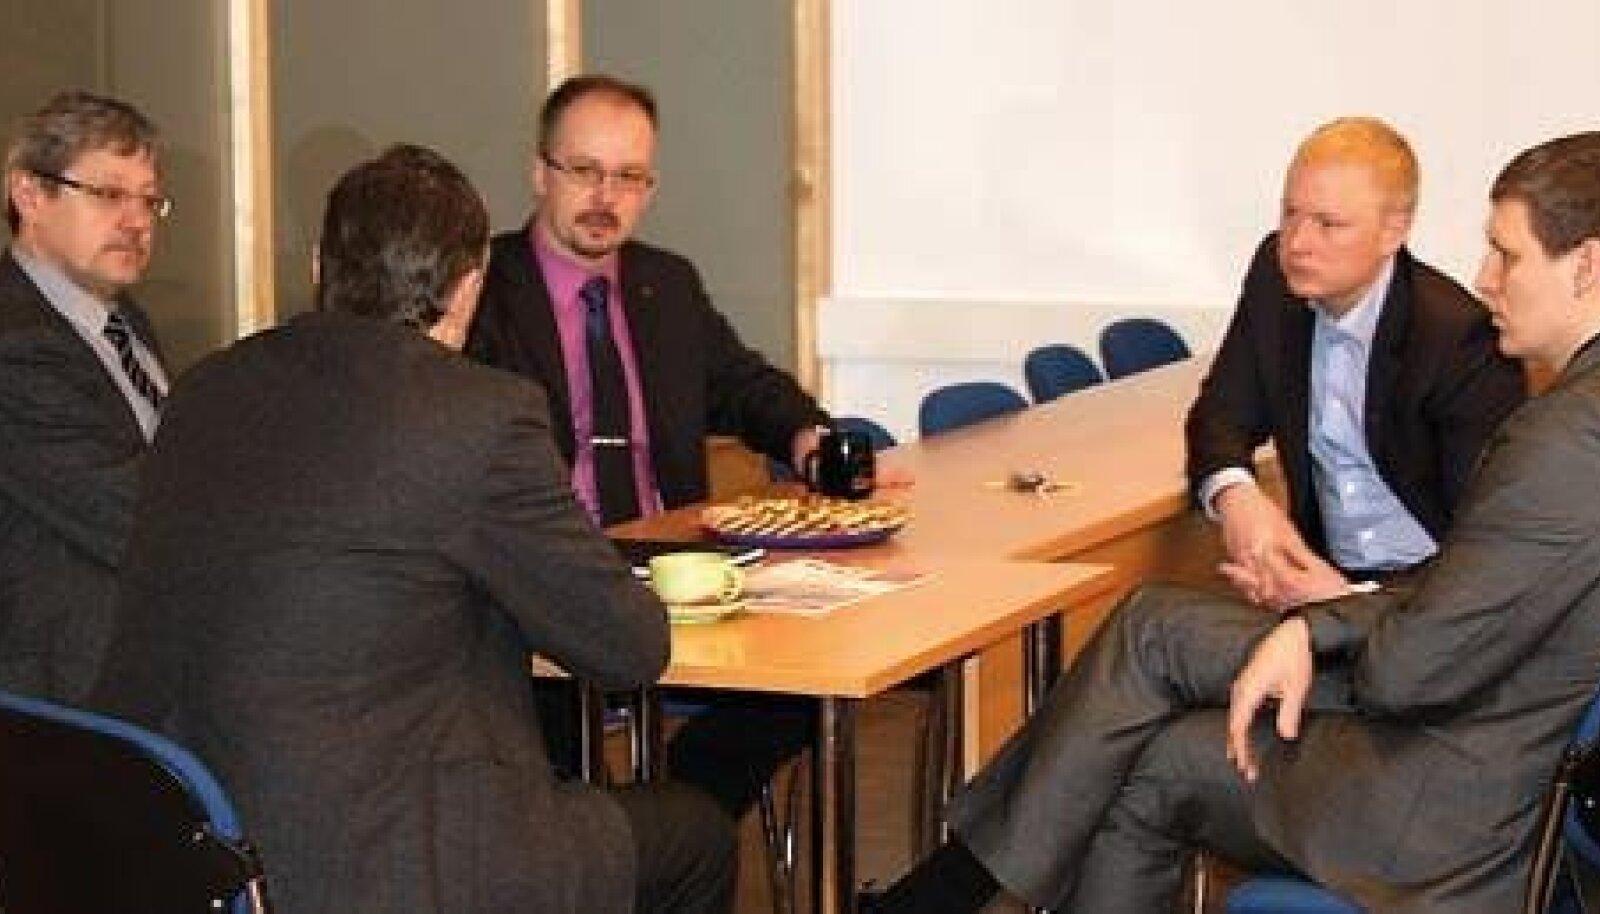 Kohtumine kahe valla omavalitsusjuhtide vahel 12. veebruaril Rae vallavolikogu saalis